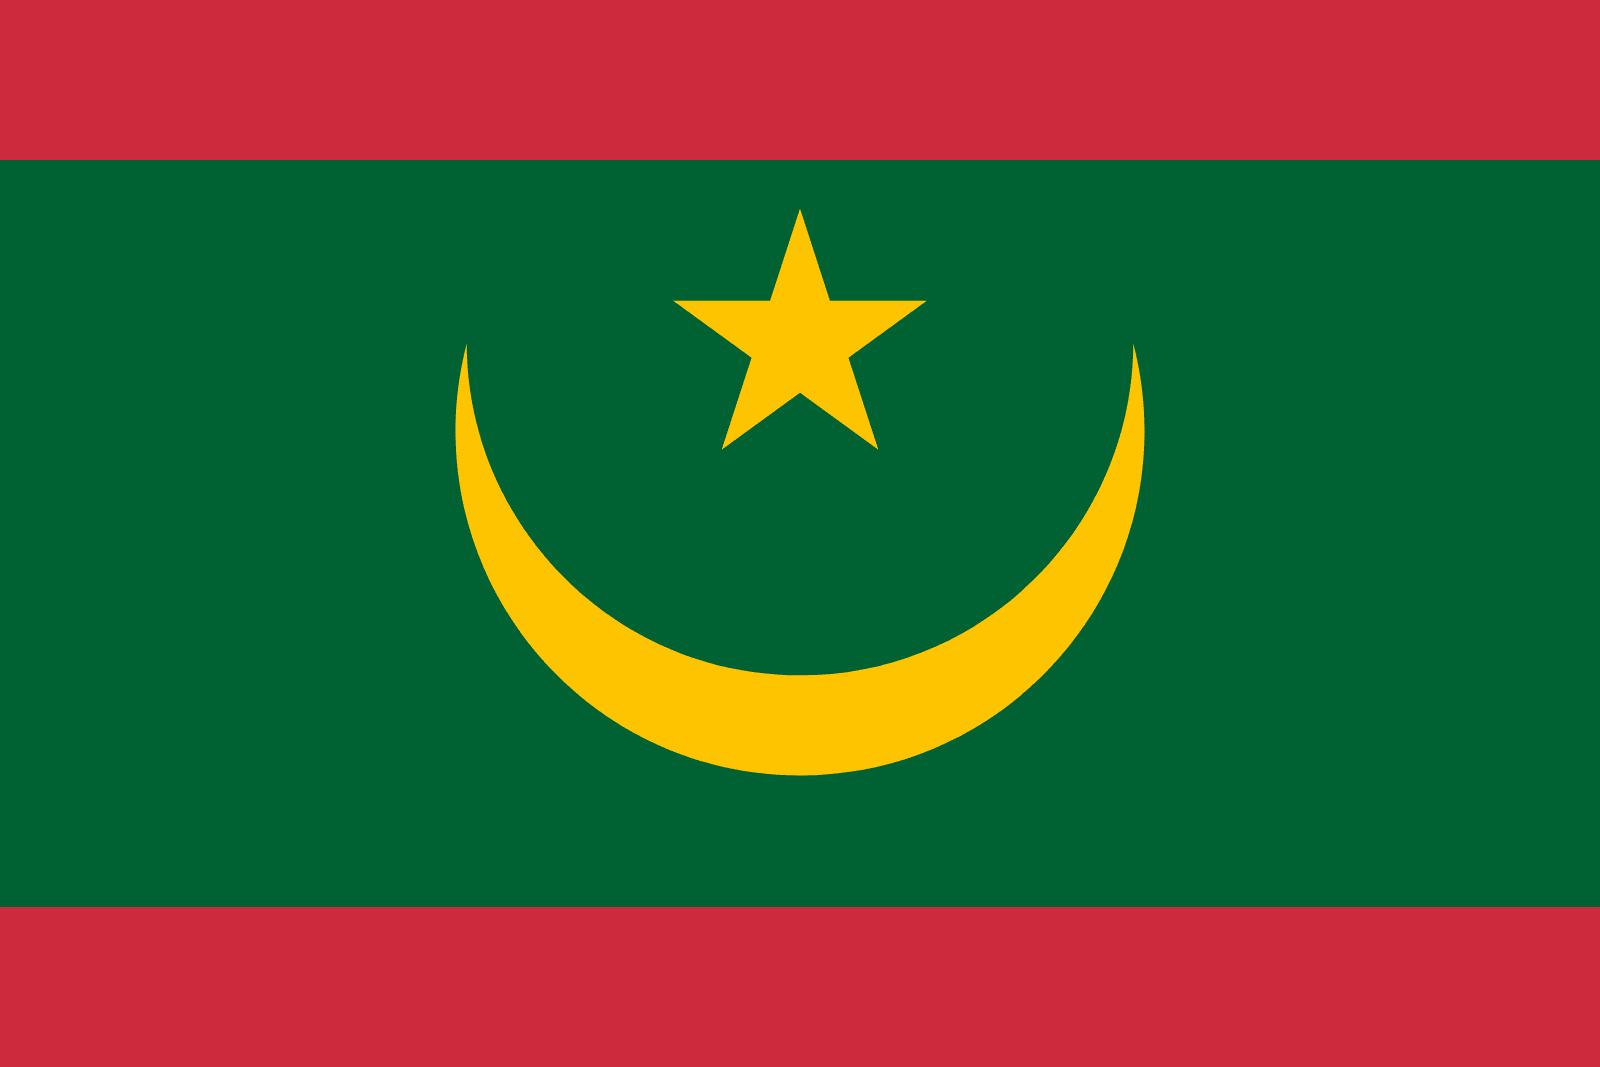 Moritanya'nın Başkenti ve Para Birimi Nedir? Moritanya'nın Bayrağı Nasıldır?